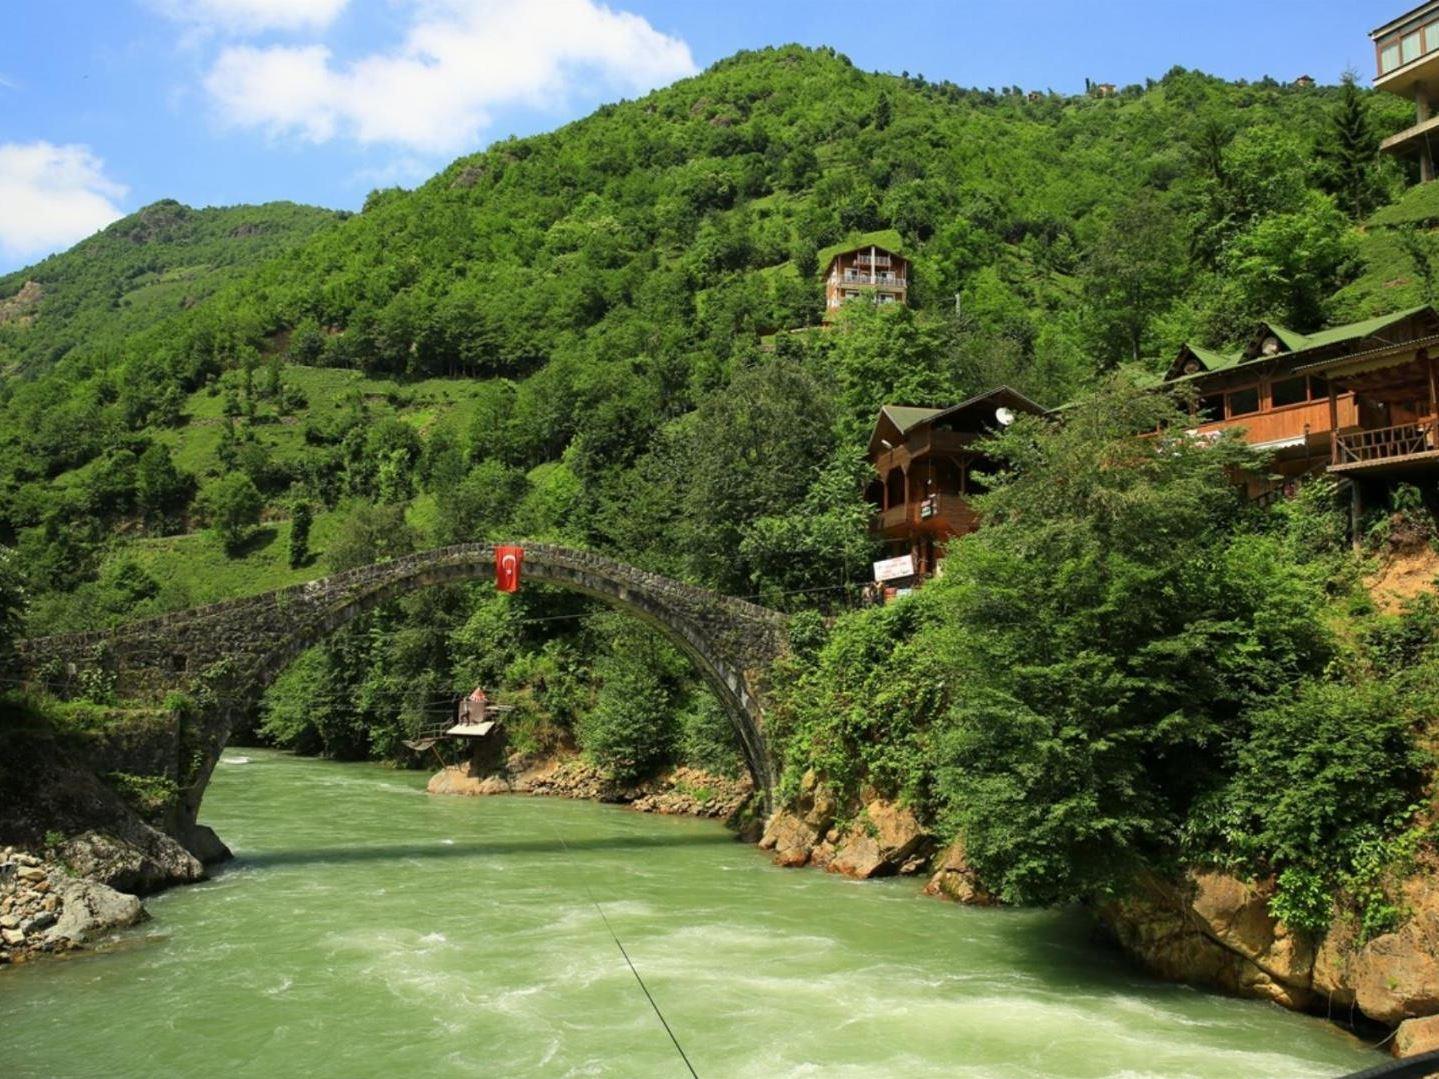 Rüya Gibi Karadeniz Batum Turu 1,2 Ağustos 2020 (Kurban Bayramı Dönemi)